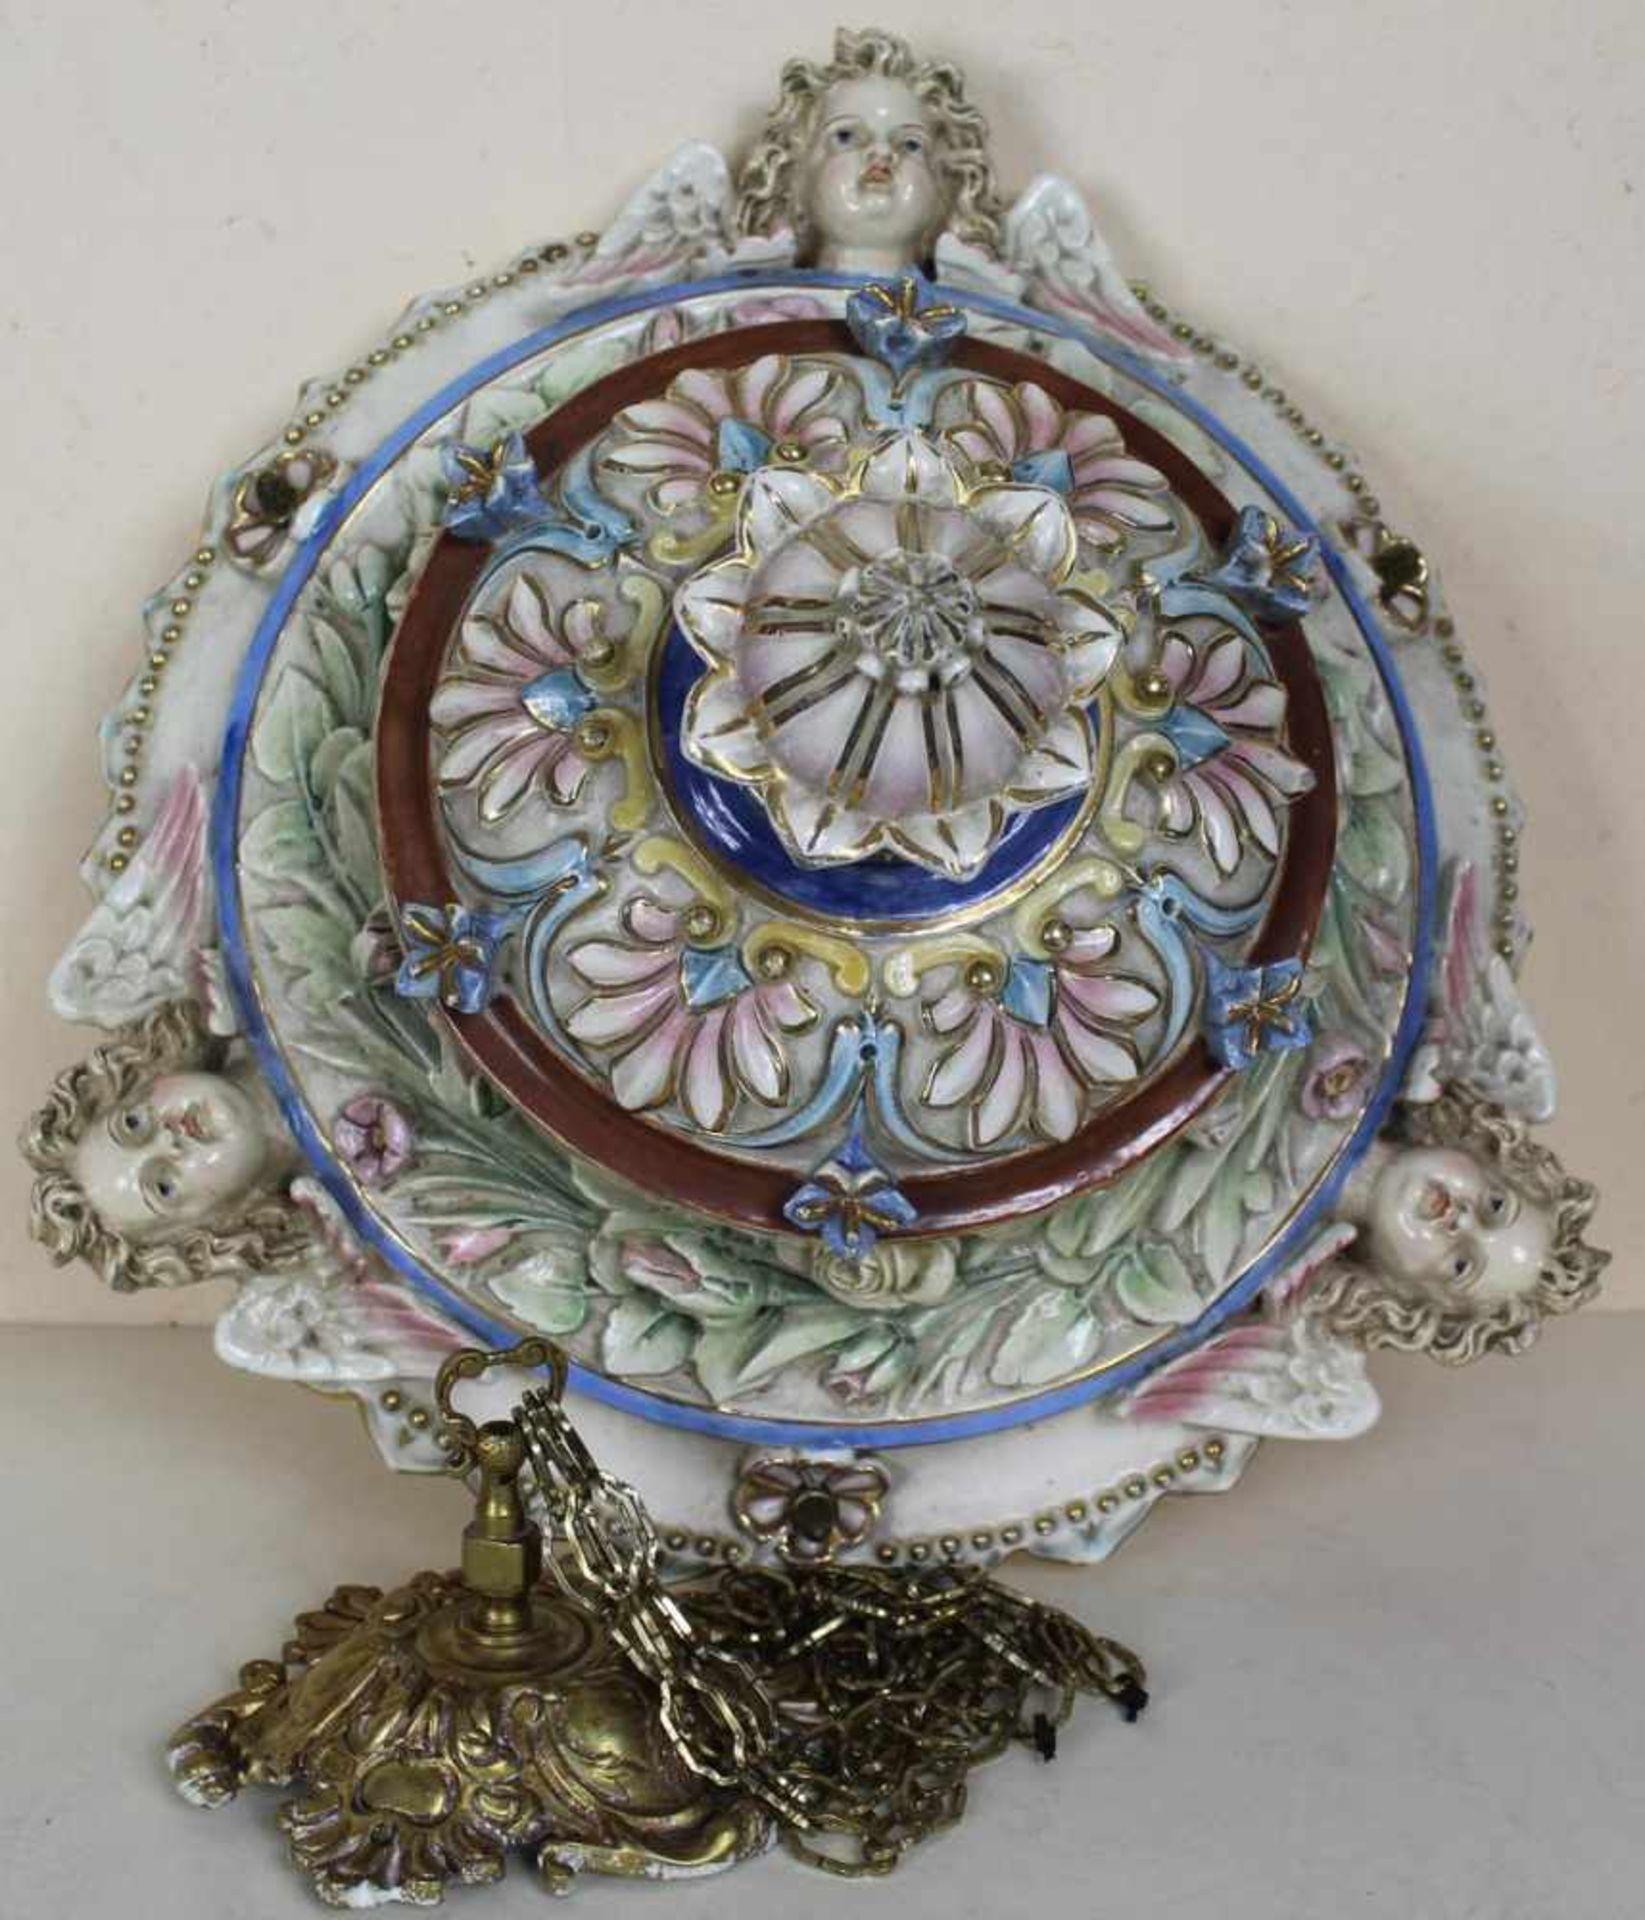 Blumenampel wohl Frankreich um 1900, Keramik mehrfarbig staffiert, Montur aus Messing mit